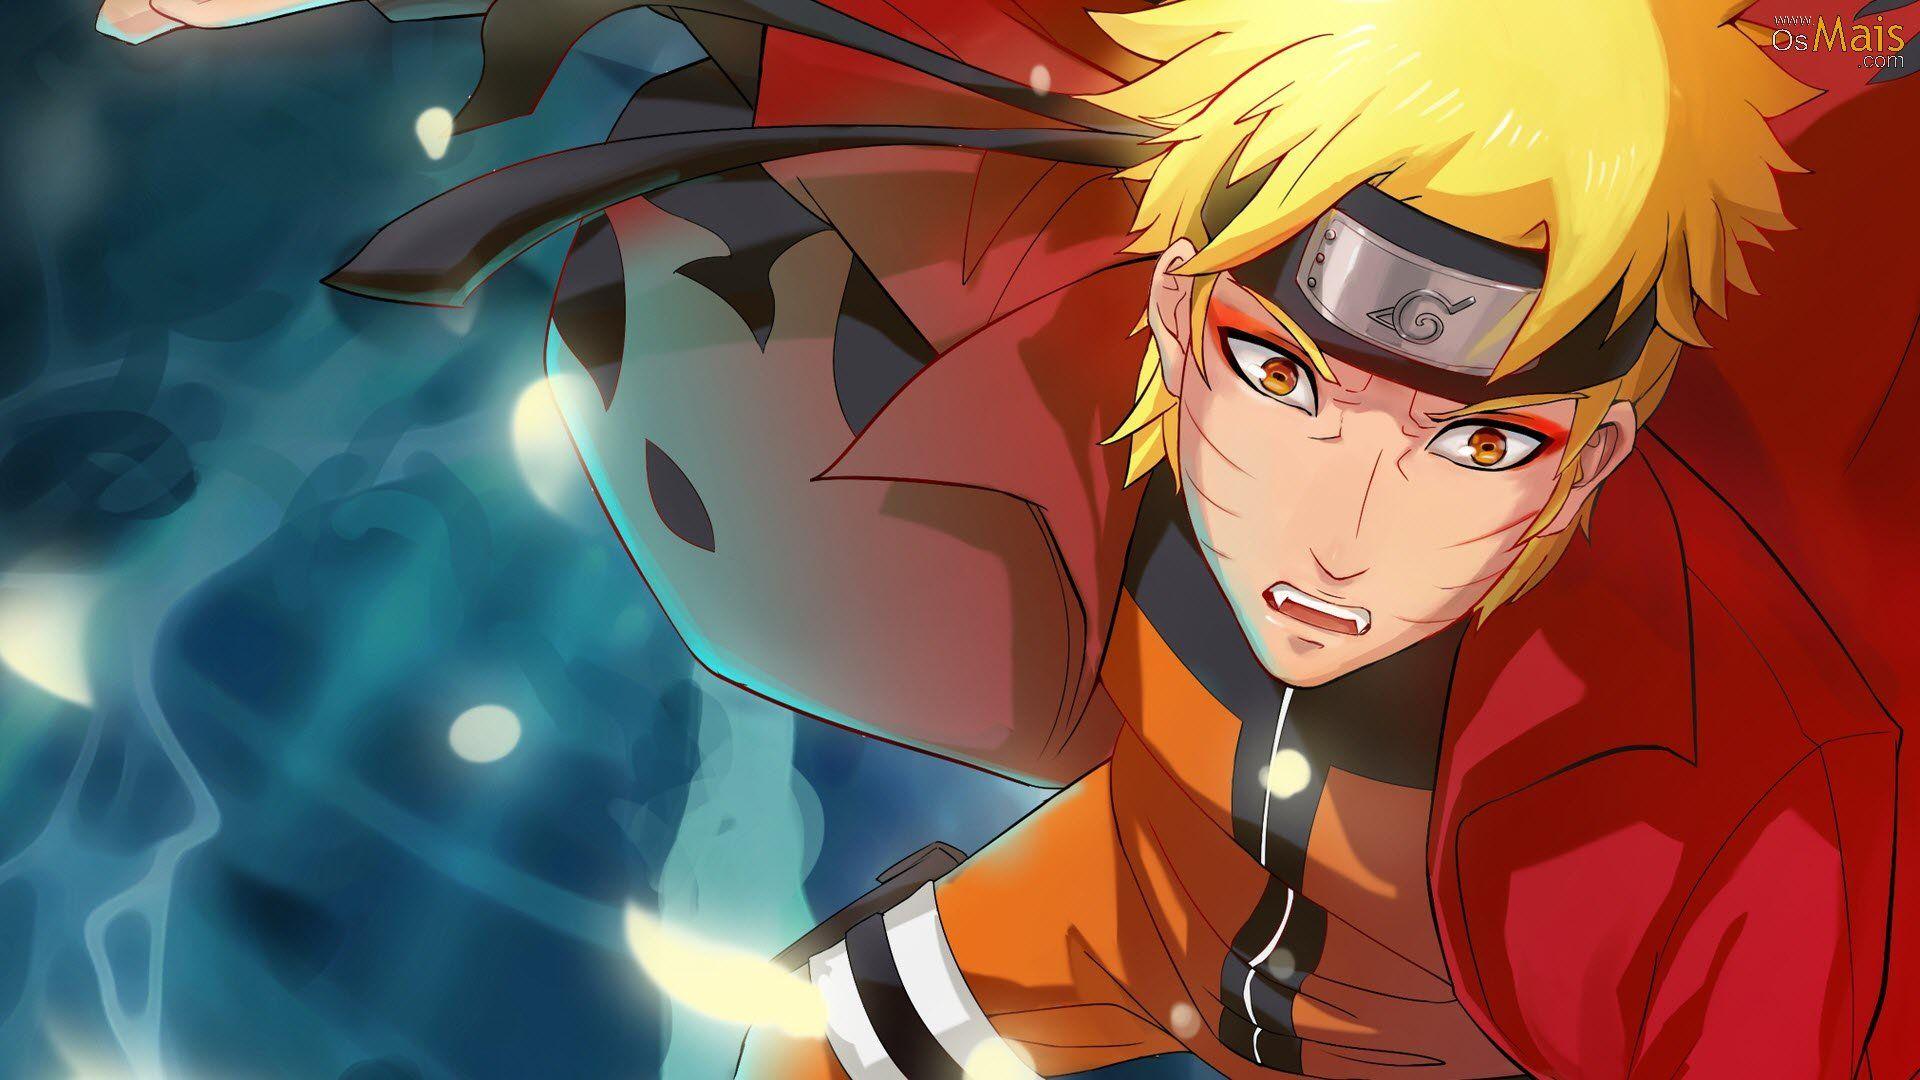 Naruto And Sasuke Wallpaper Hd Resolution Cool Anime Wallpapers Anime Best Naruto Wallpapers